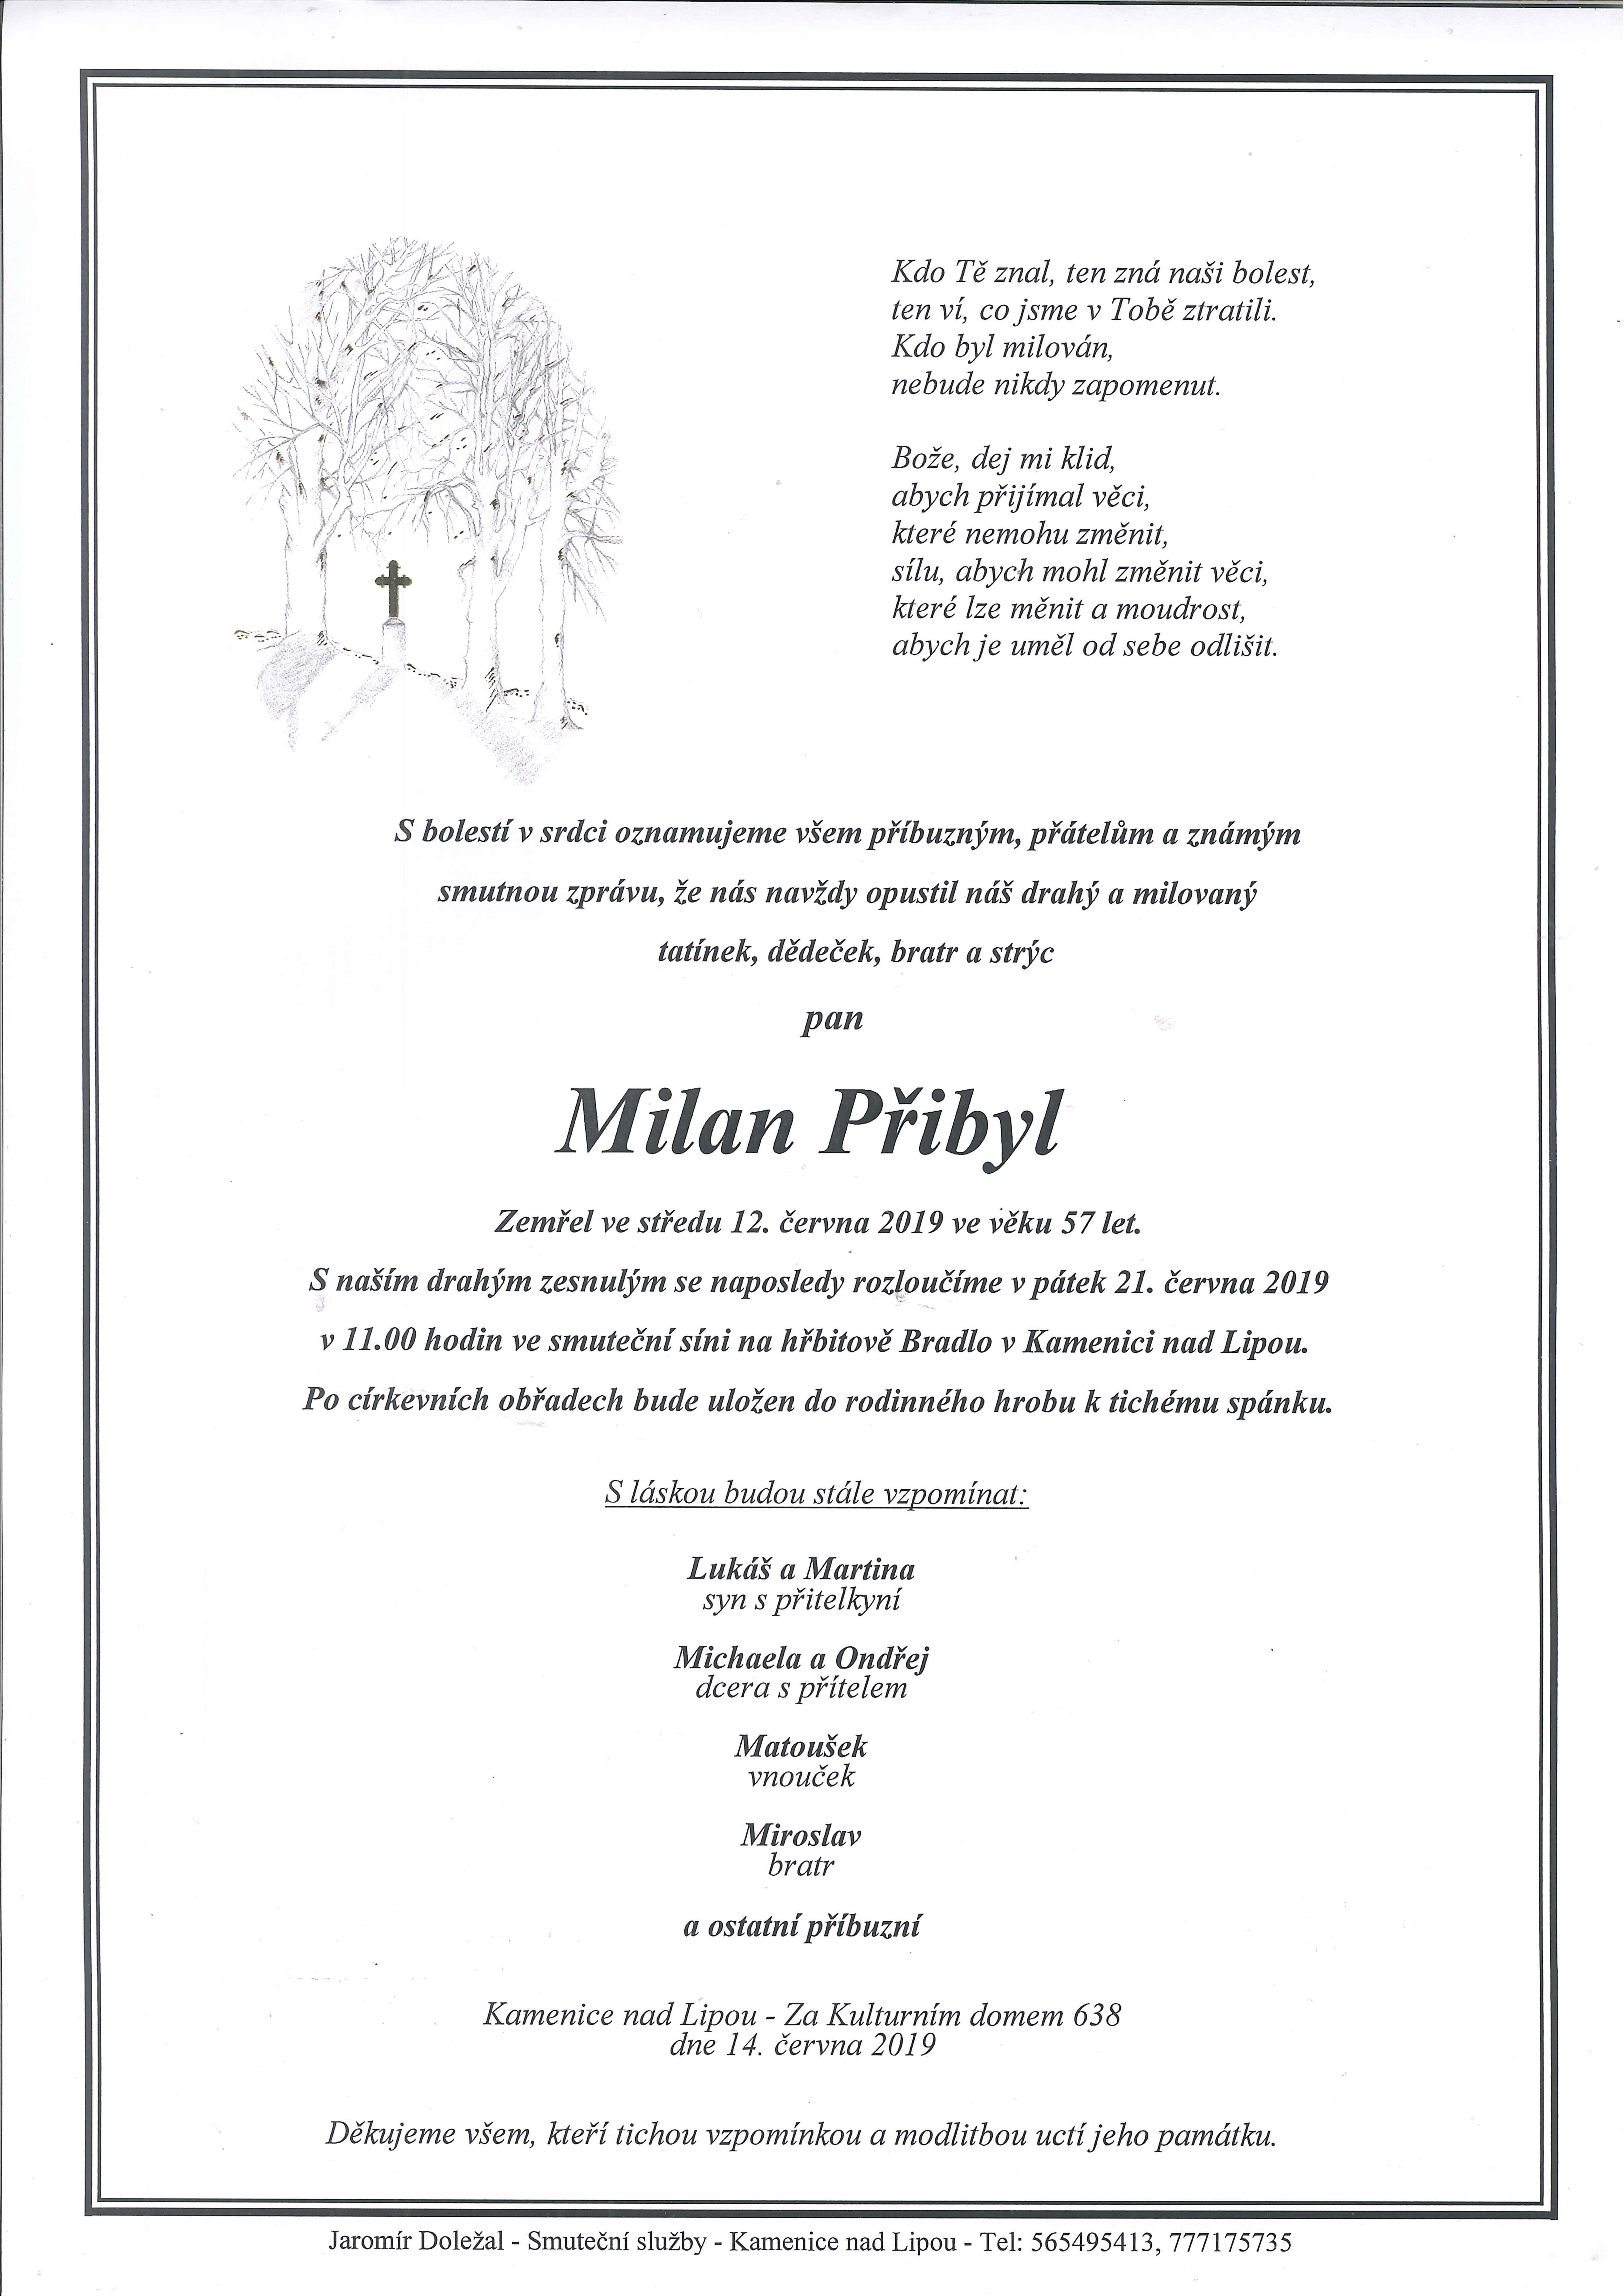 Milan Přibyl